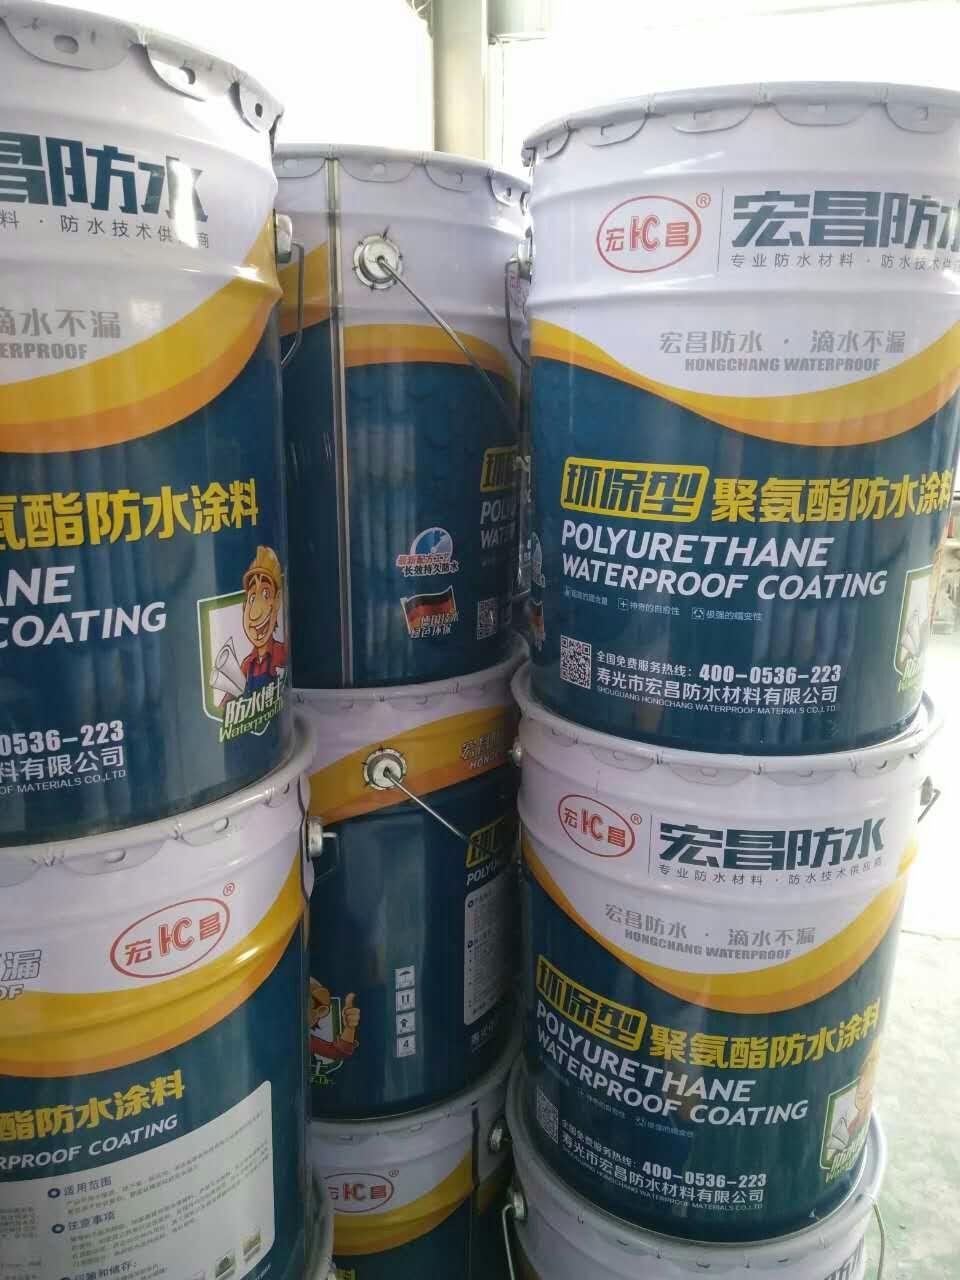 聚氨酯防水涂料代理商,想买聚氨酯防水涂料就来宏昌通汇防水